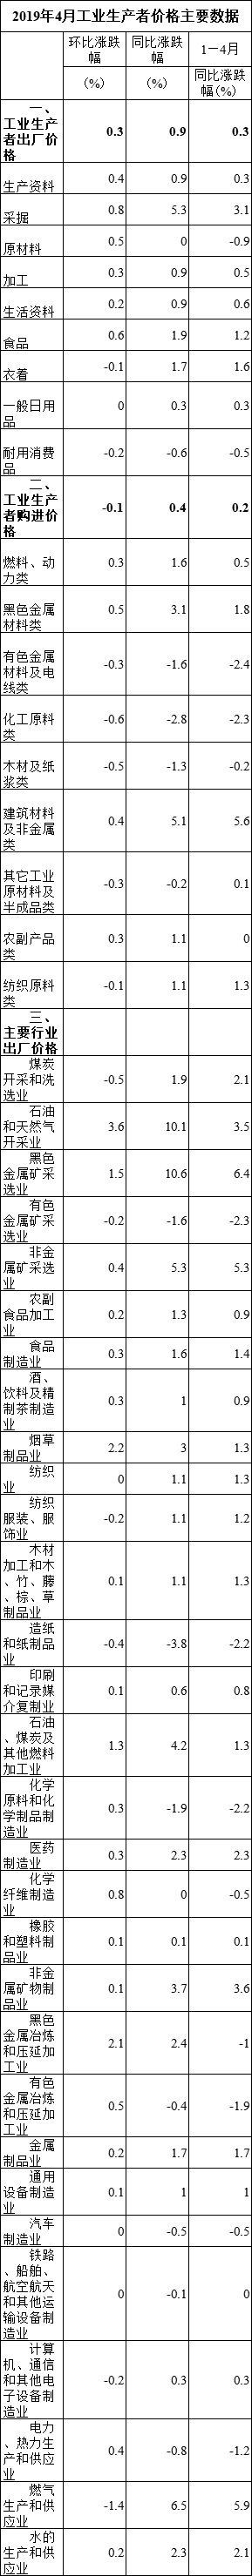 2019年4月工业生产者价格主要数据